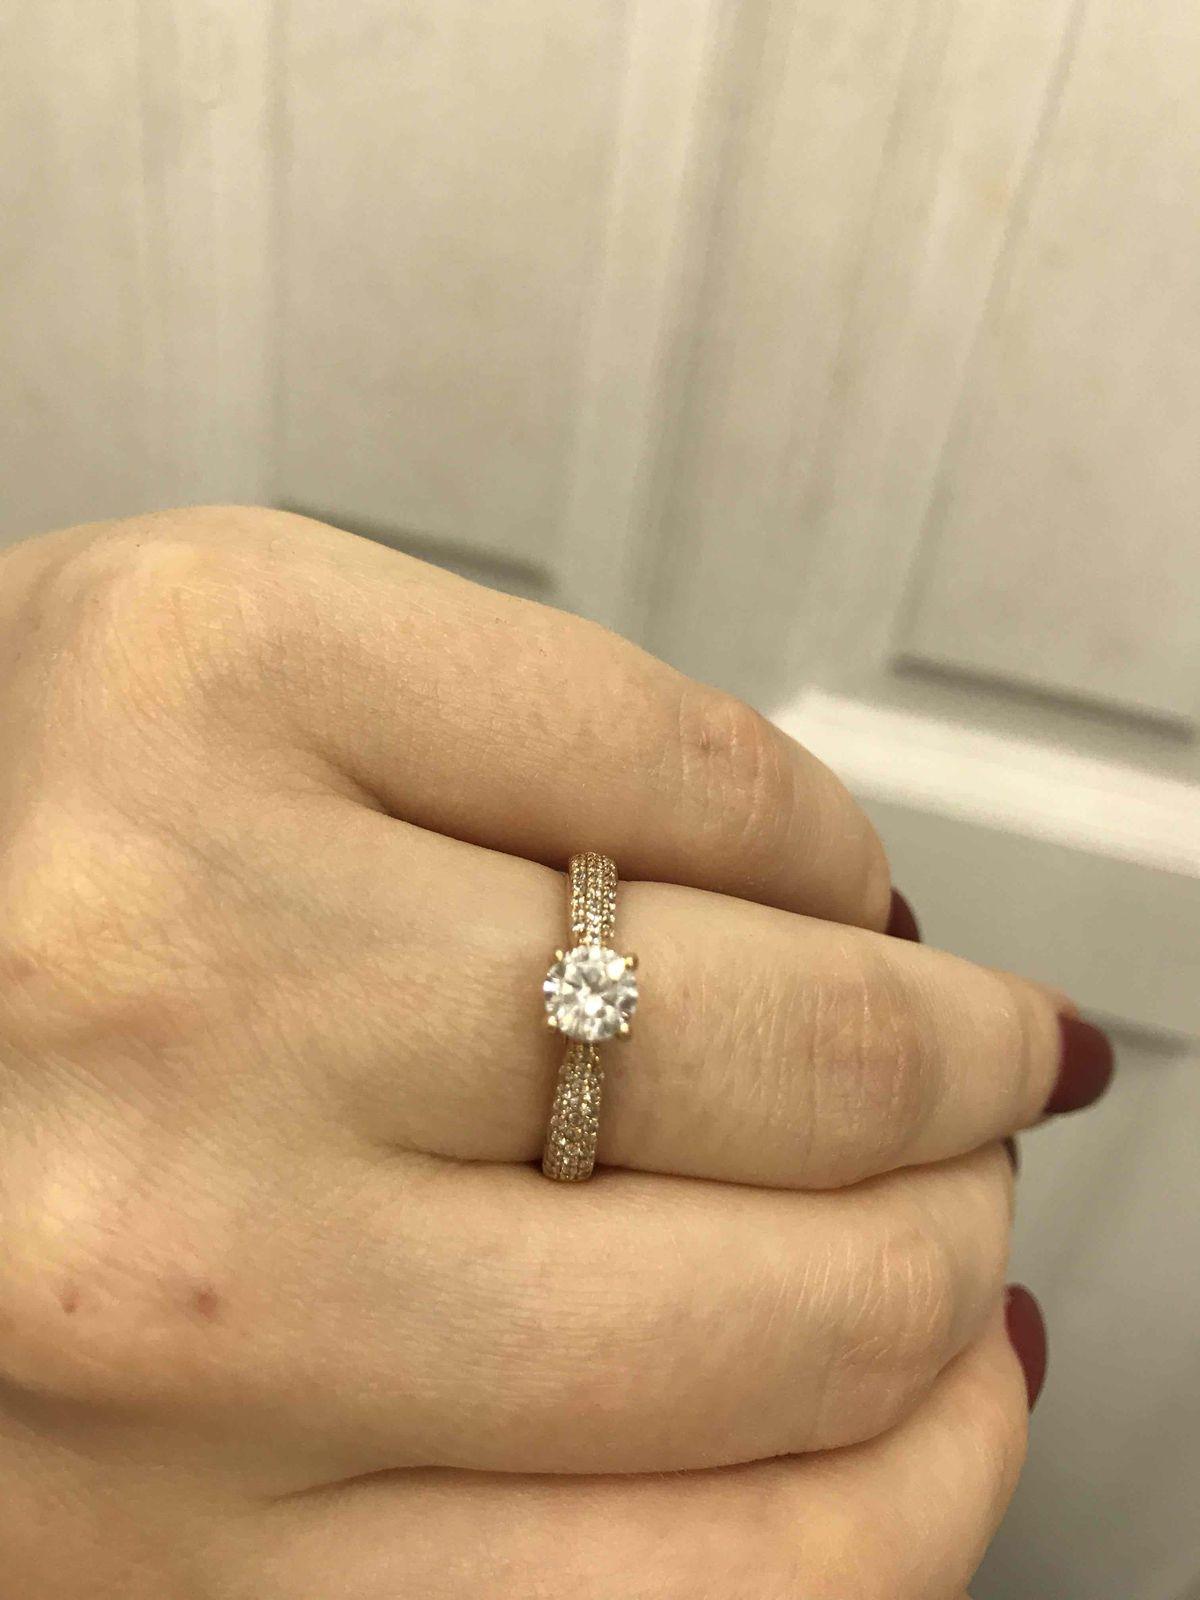 Купила себе такое кольцо